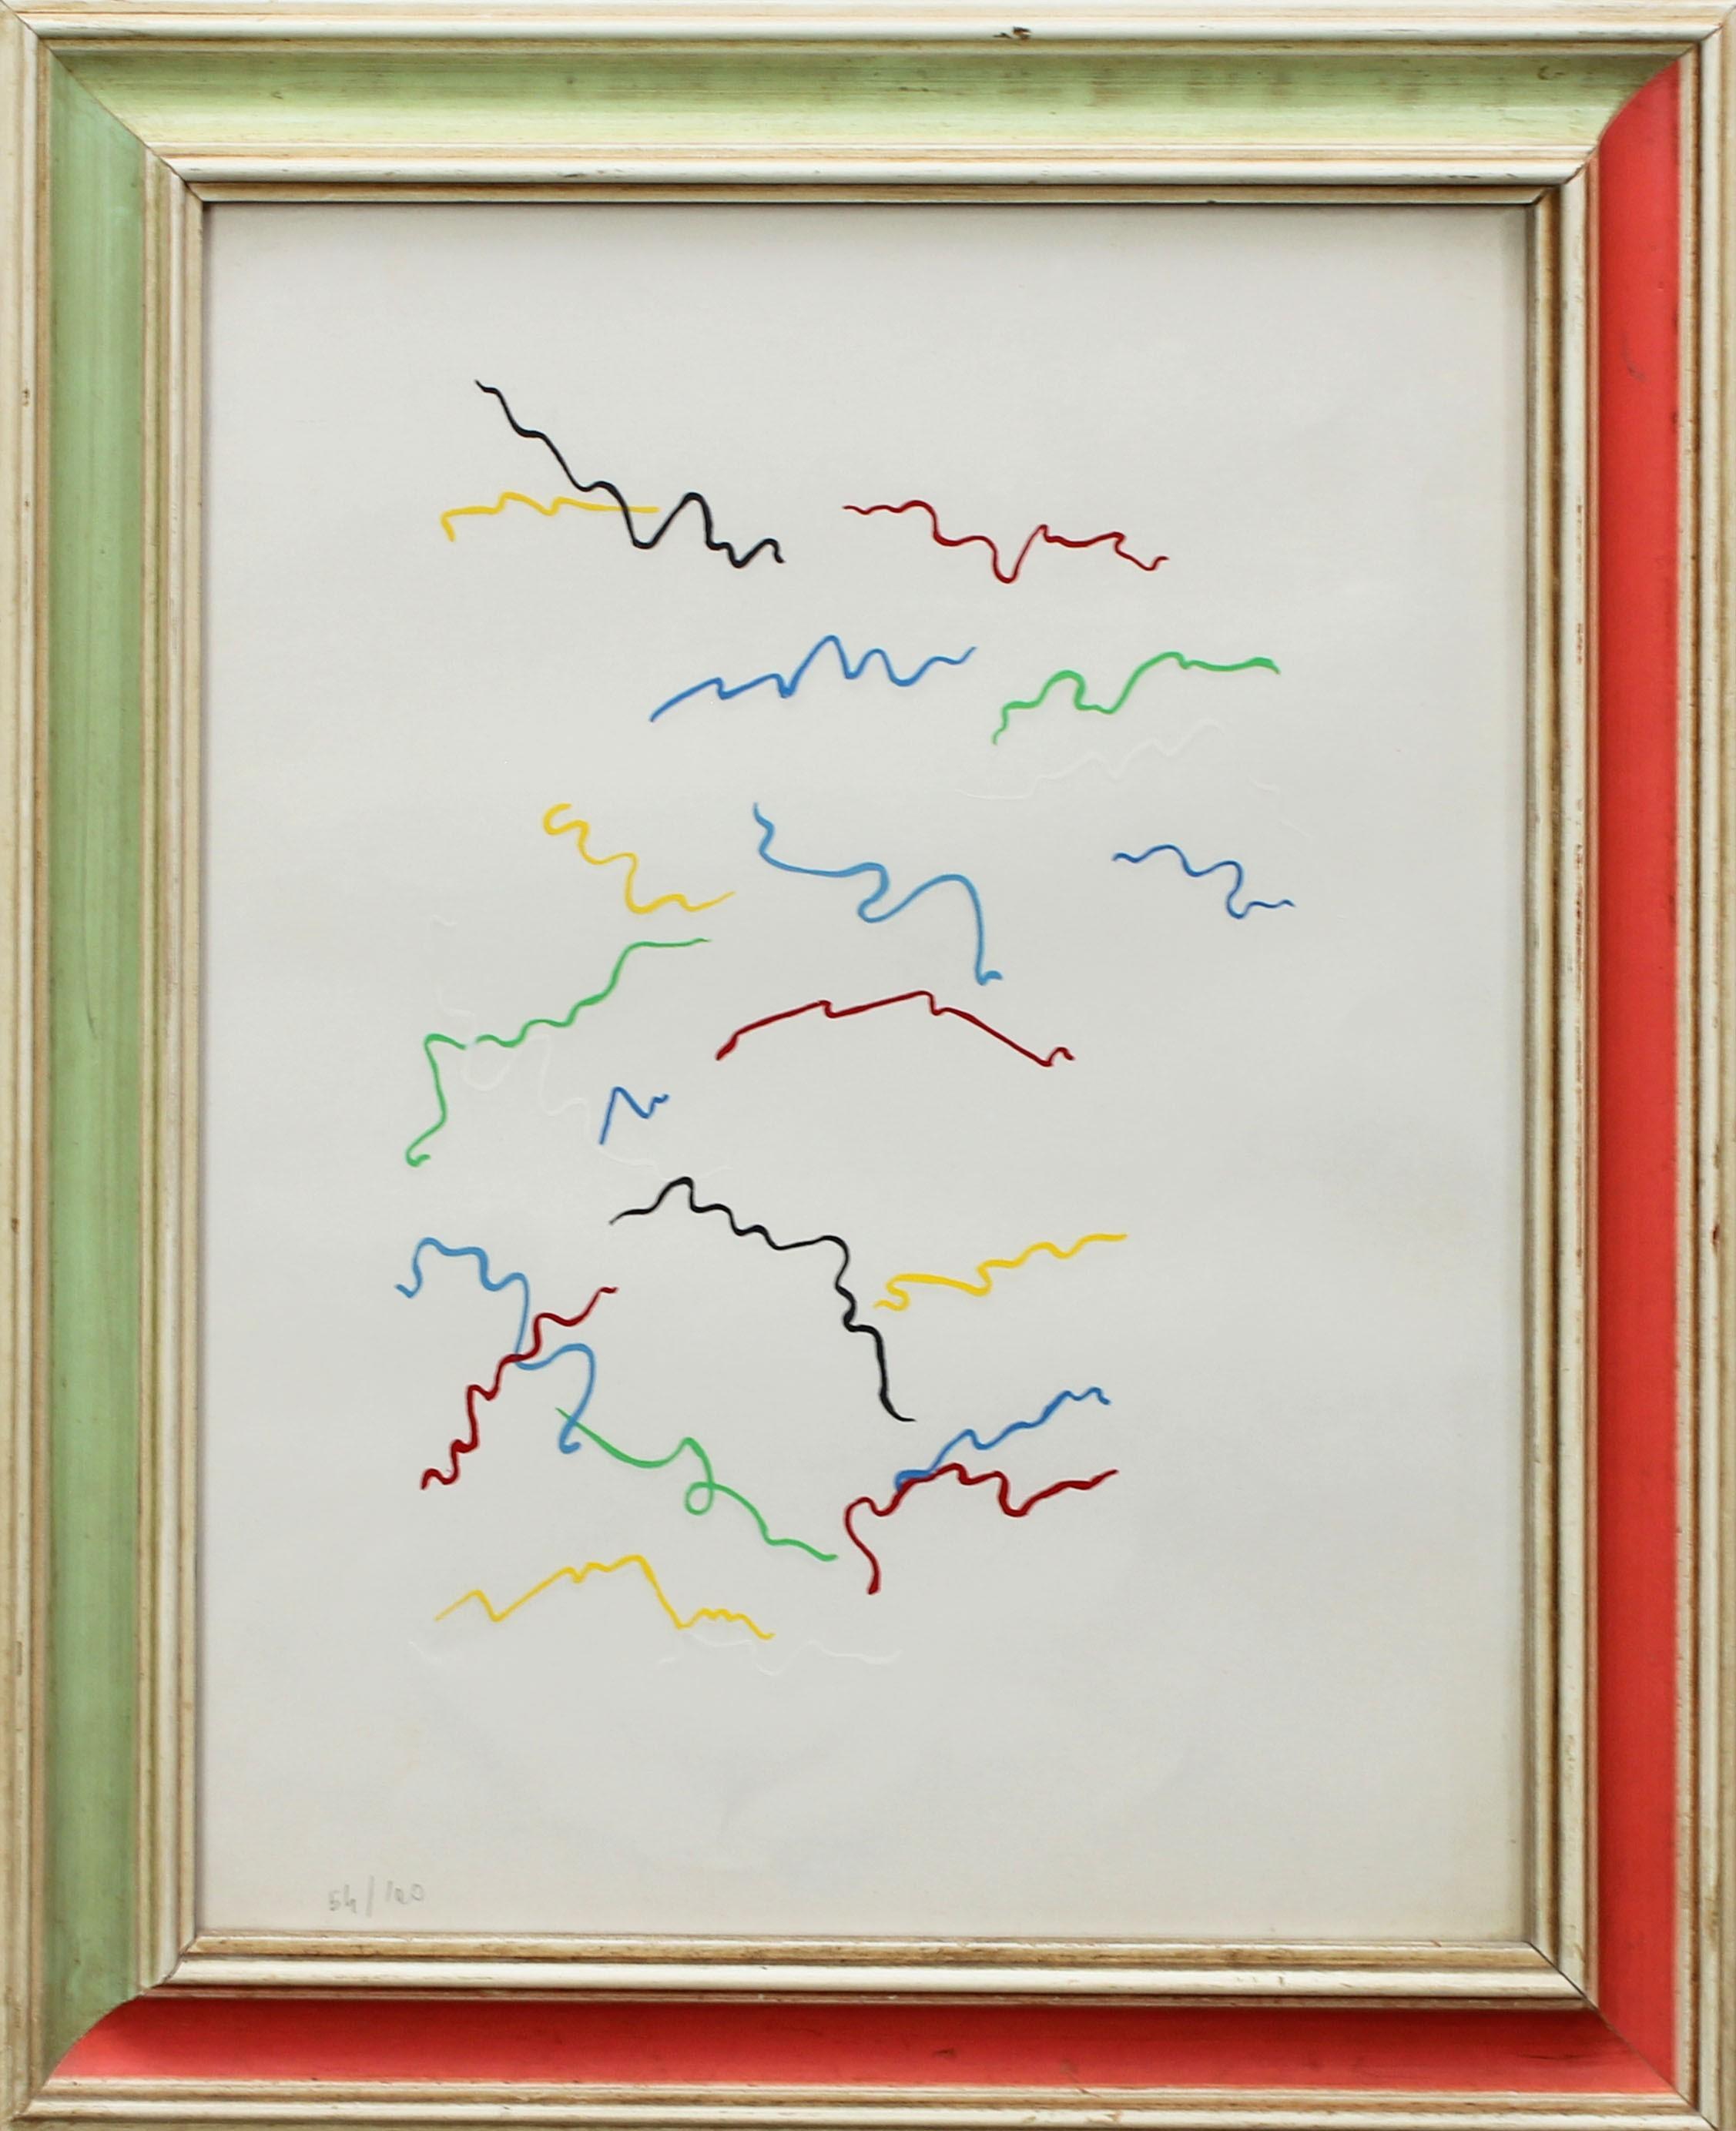 Lot 21 - Astratto, grafica 64/100, nel retro la scritta Bruno Sanguanini 1970, cm. 25x30